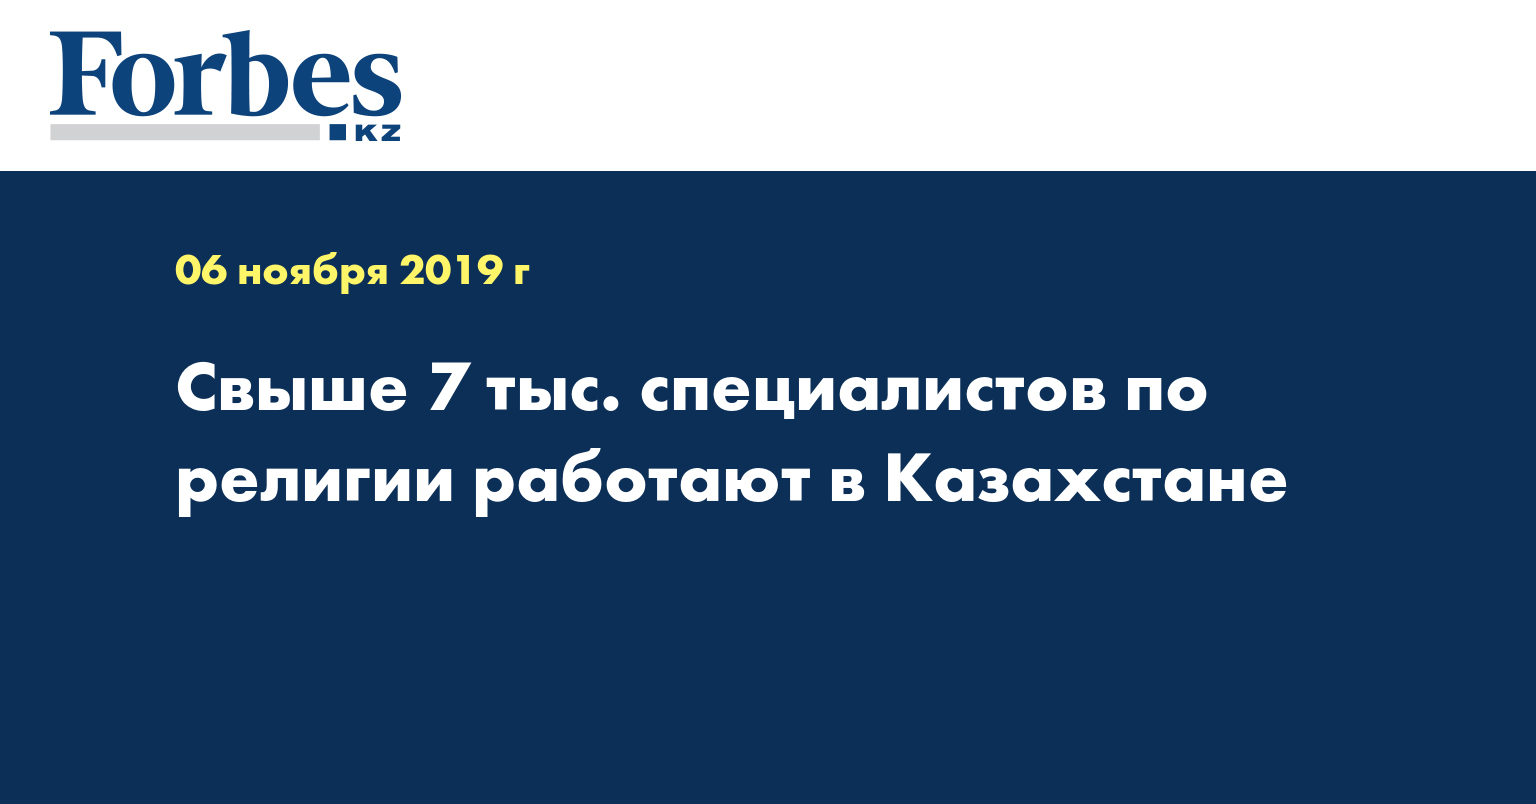 Свыше 7 тыс. специалистов по религии работают в Казахстане